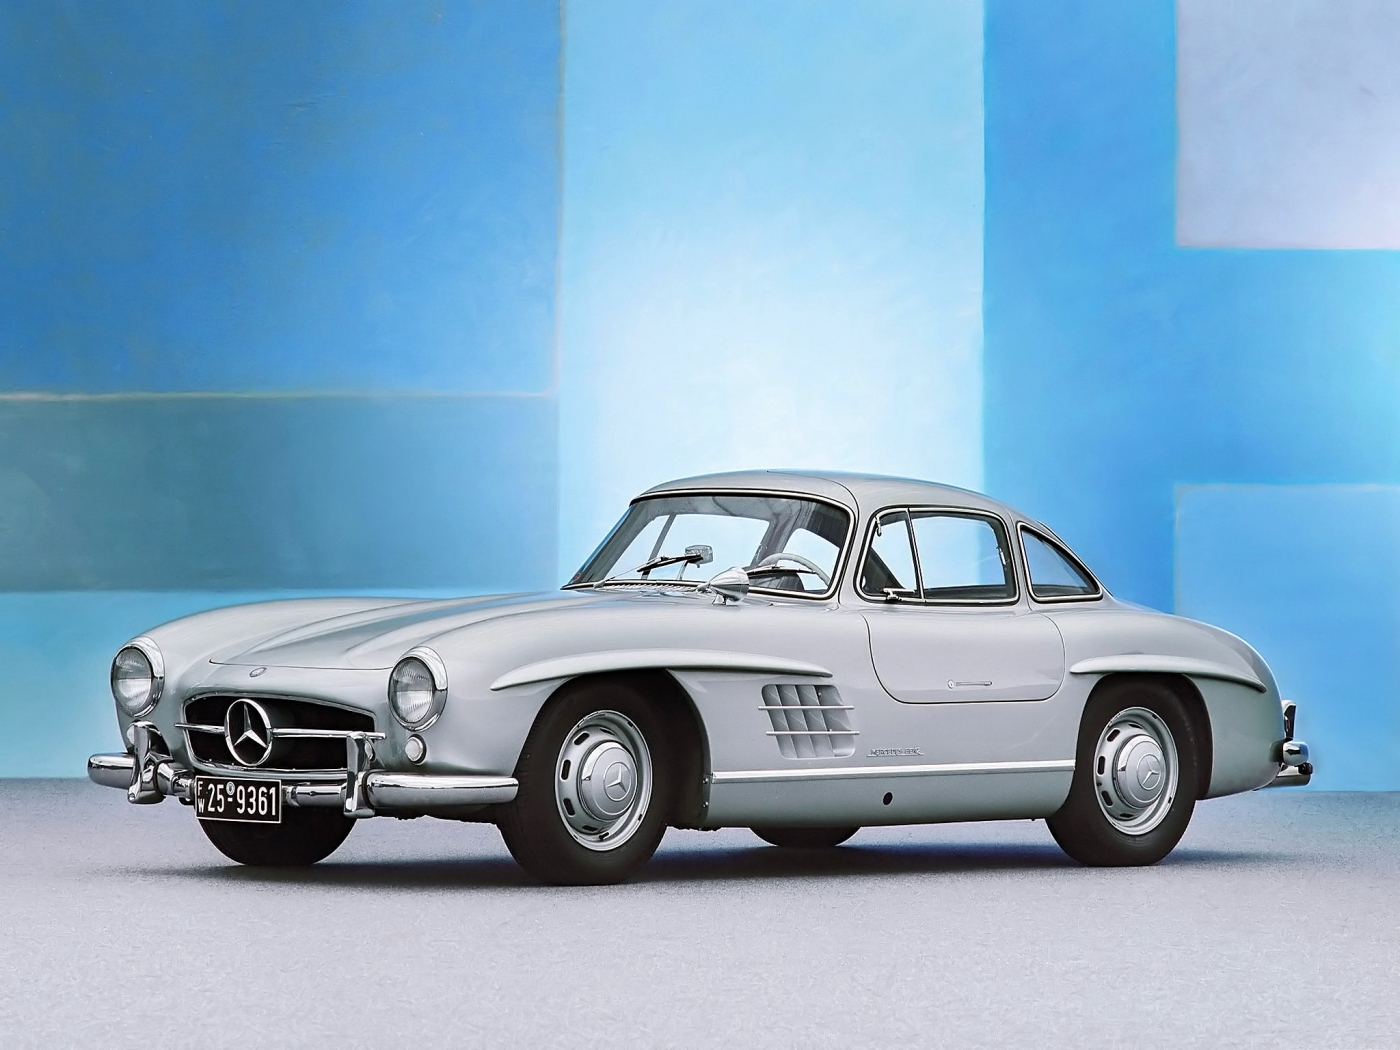 48092 скачать обои Транспорт, Машины, Мерседес (Mercedes) - заставки и картинки бесплатно